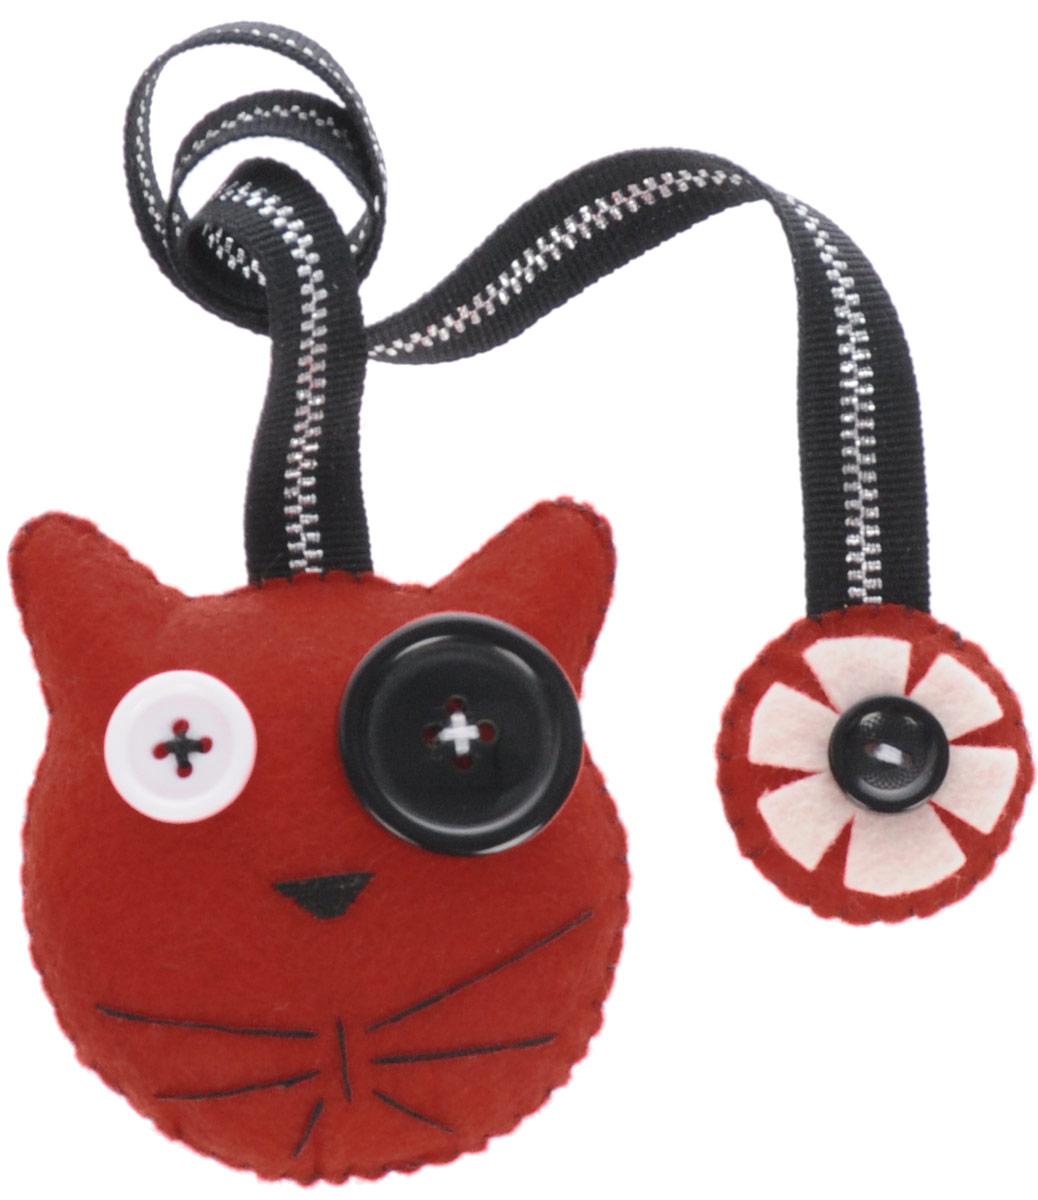 Закладка книжная Кот-британец. Красный, 6,5 см х 6,5 см. Ручная работа. Автор Леся Келба43566Kelba - это творческая мастерская кукол и игрушек. Игрушка-закладка выполнена из текстиля в виде кота.